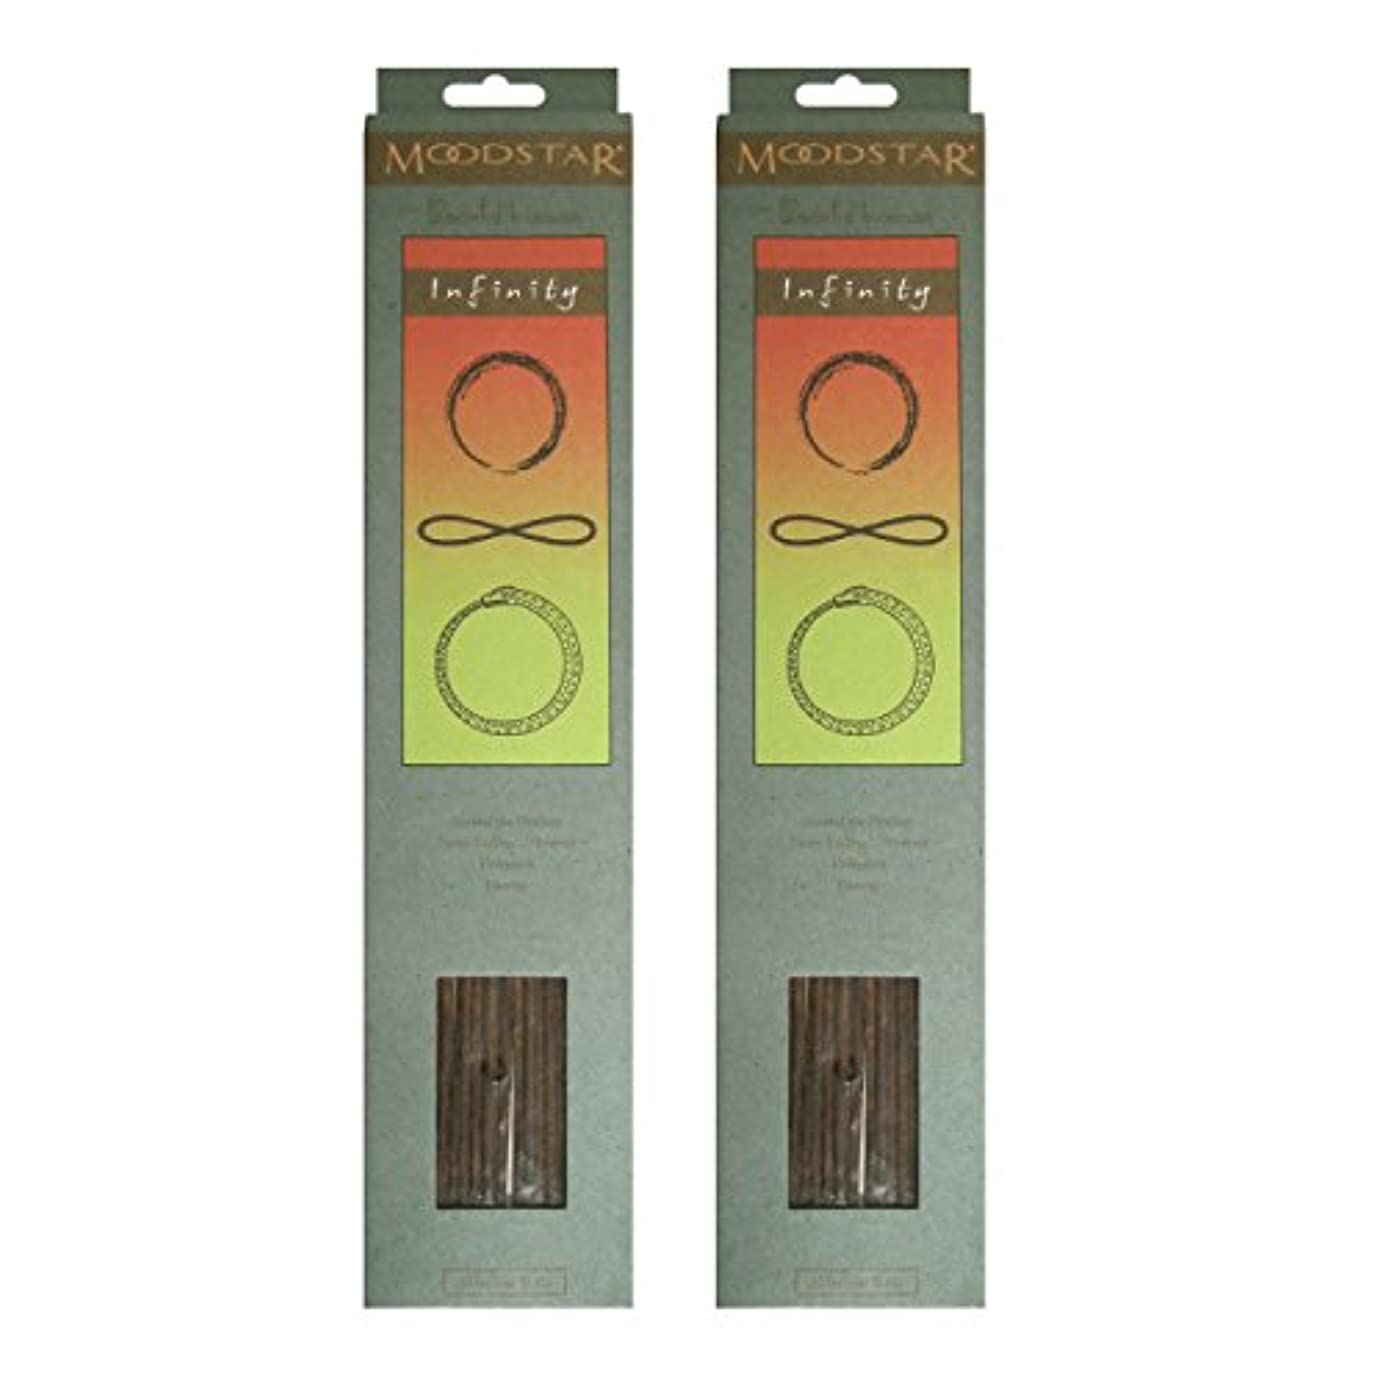 台風森林鉱石MOODSTAR ムードスター Infinity インフィニティー インセンス お香 20本 X 2パック (40本)